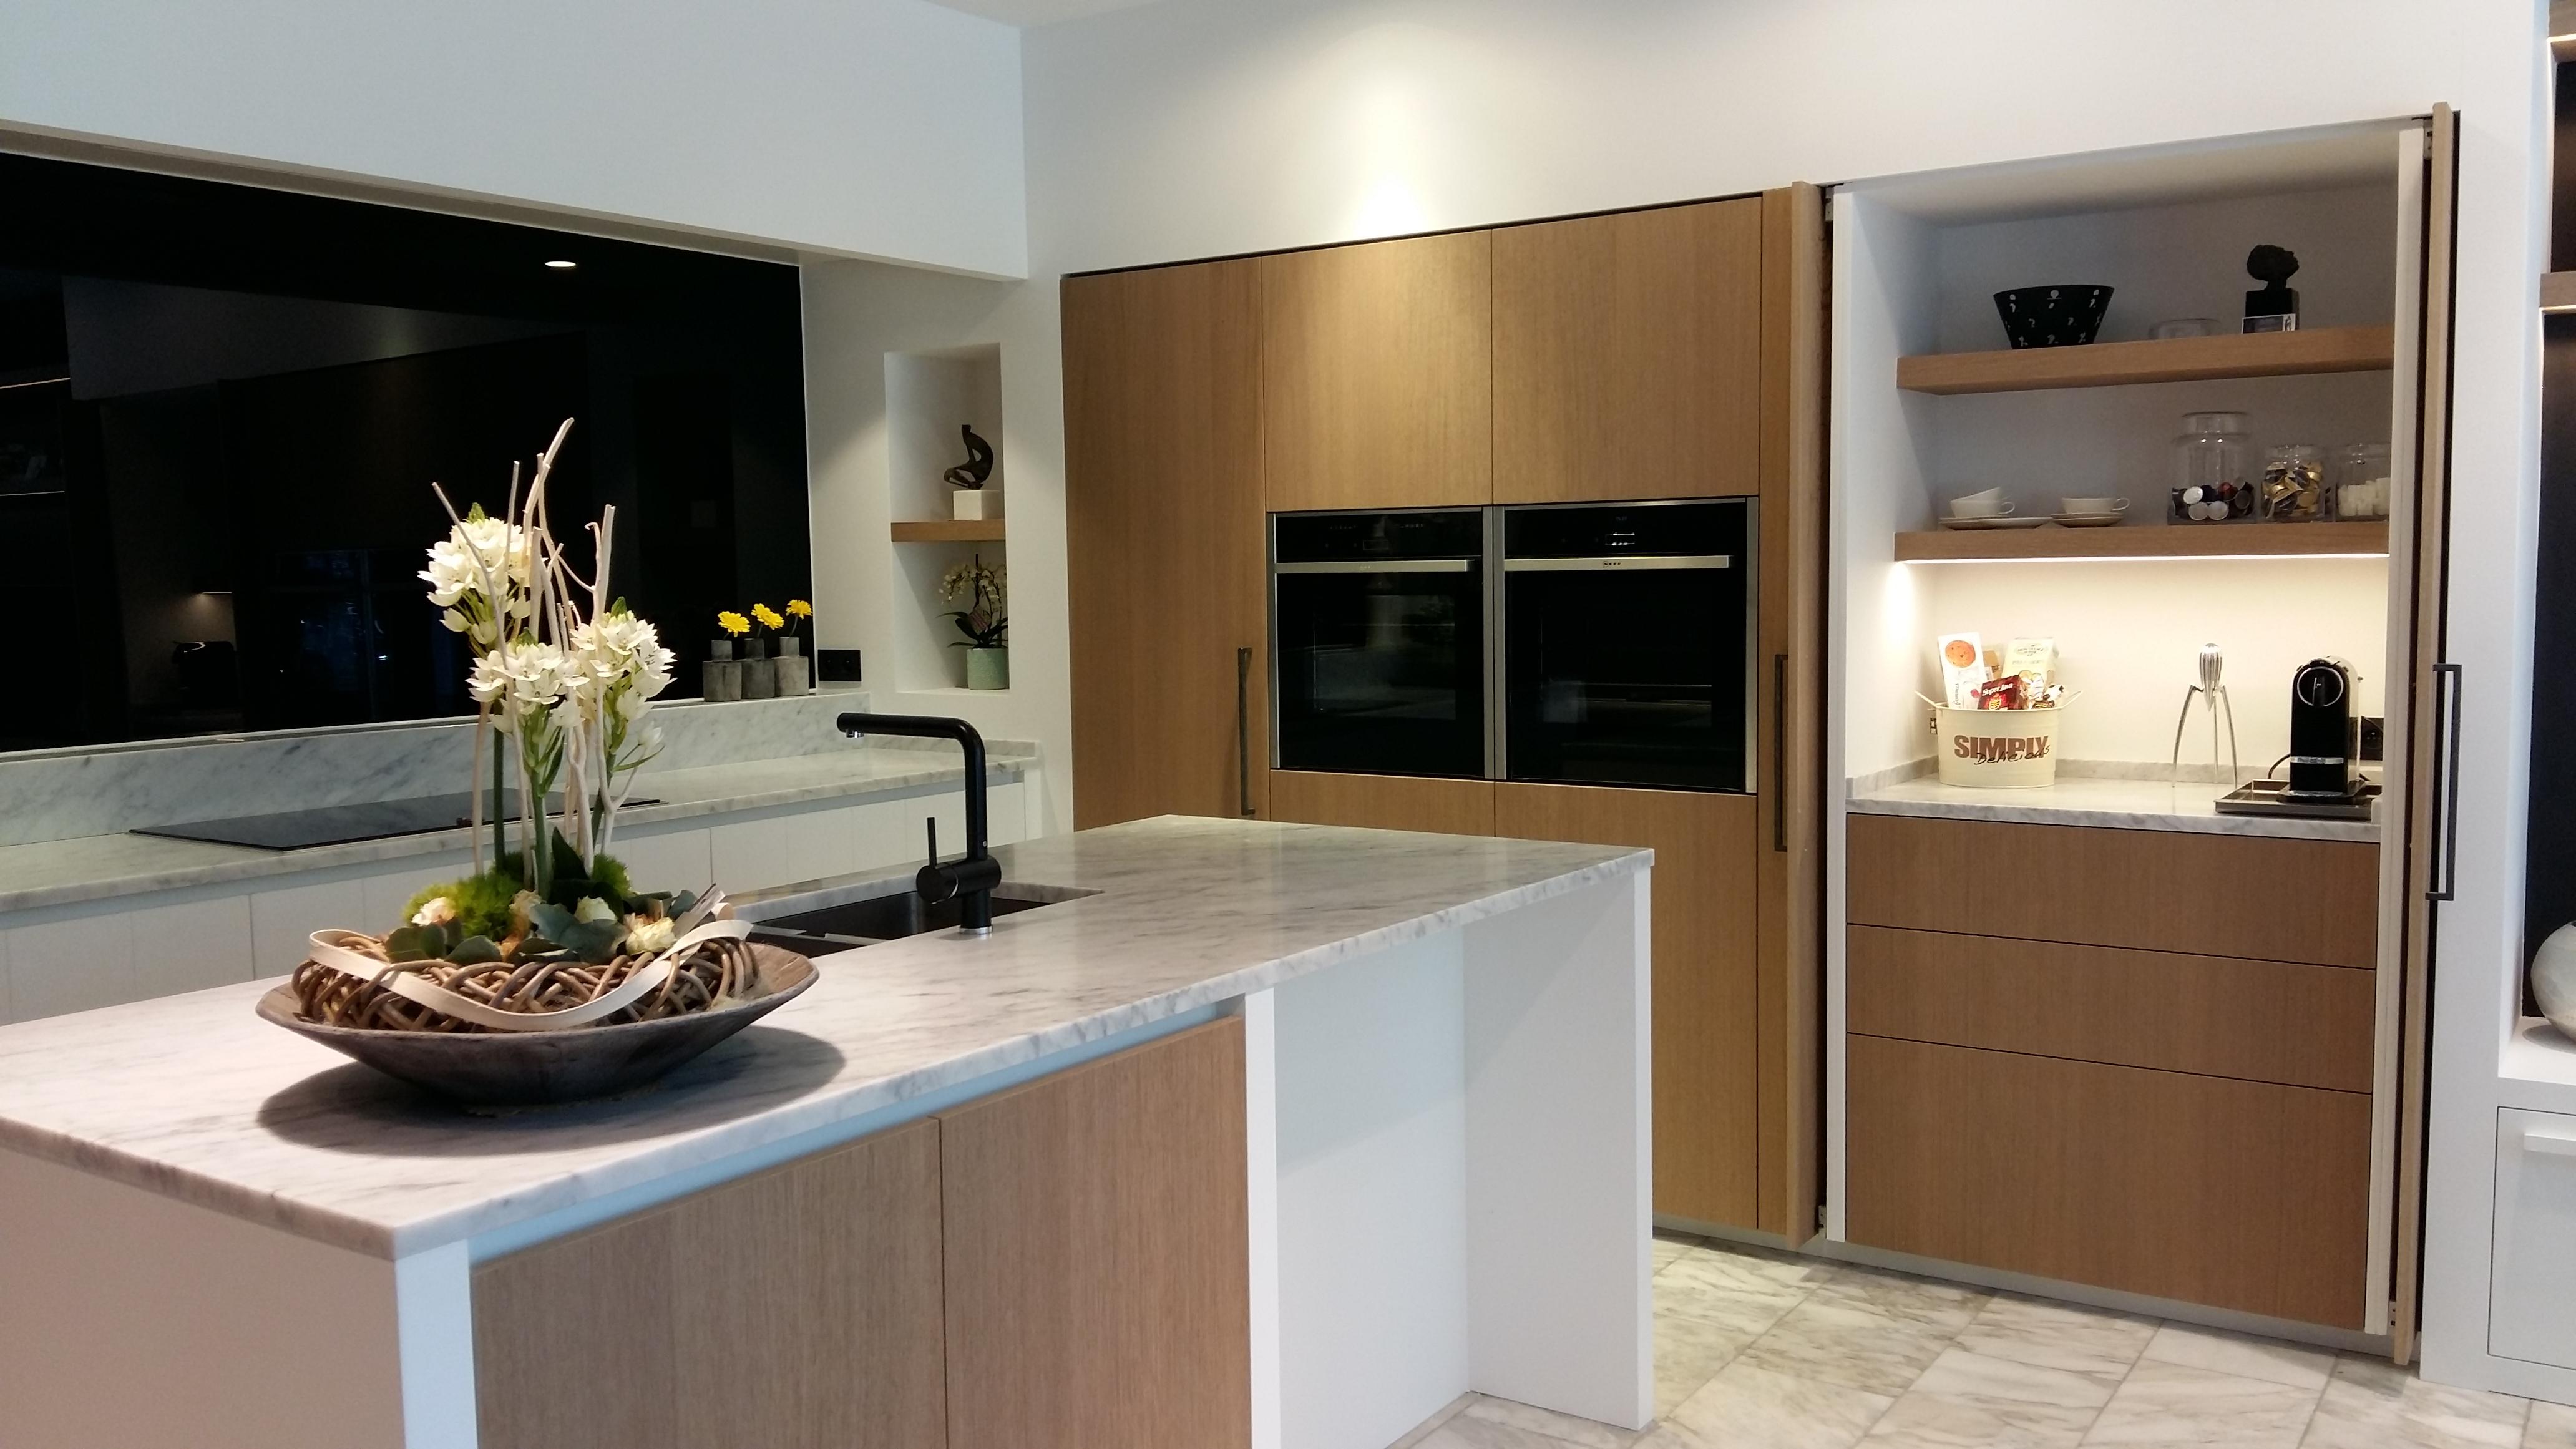 Moderne keuken met landelijke touch